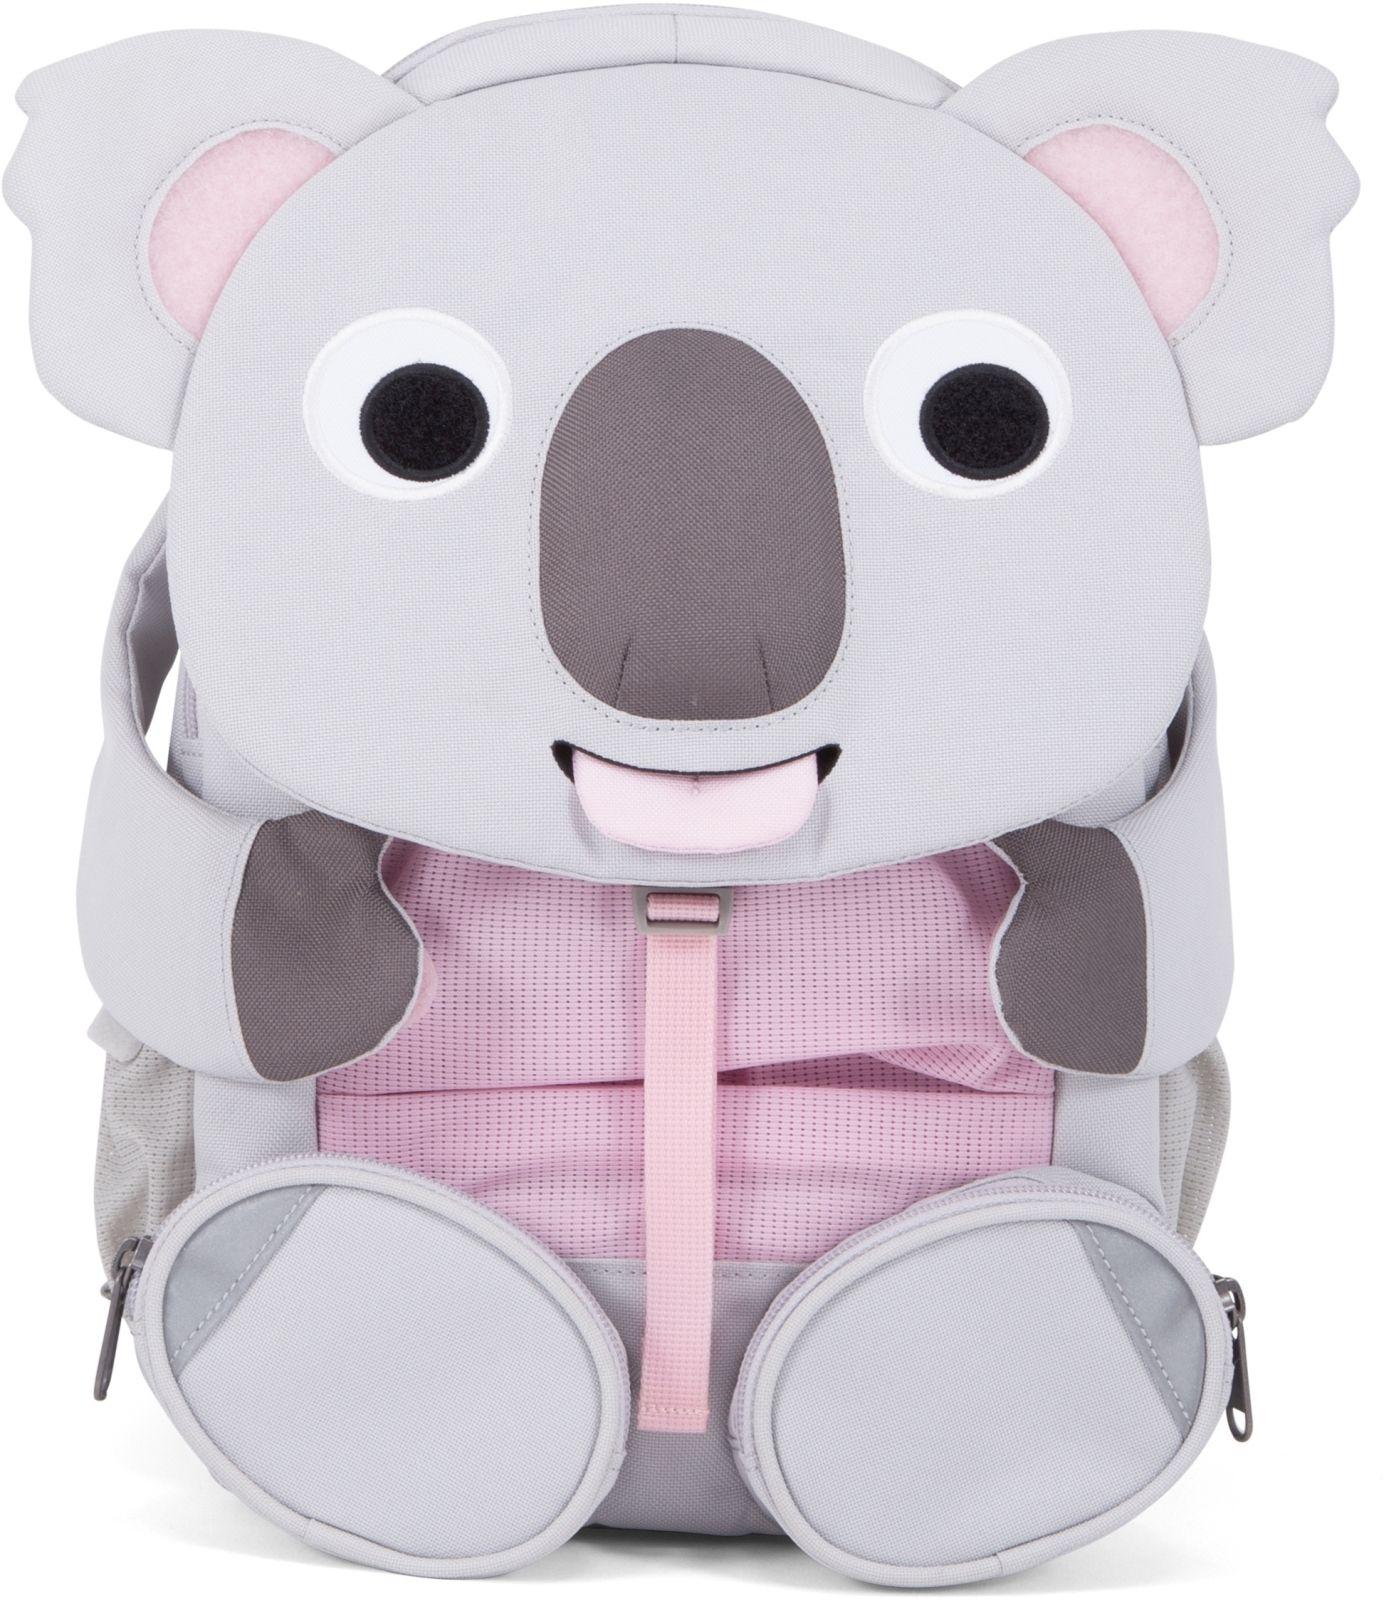 Barefoot Dětský batoh do školky Affenzahn Kimi Koala large - grey bosá